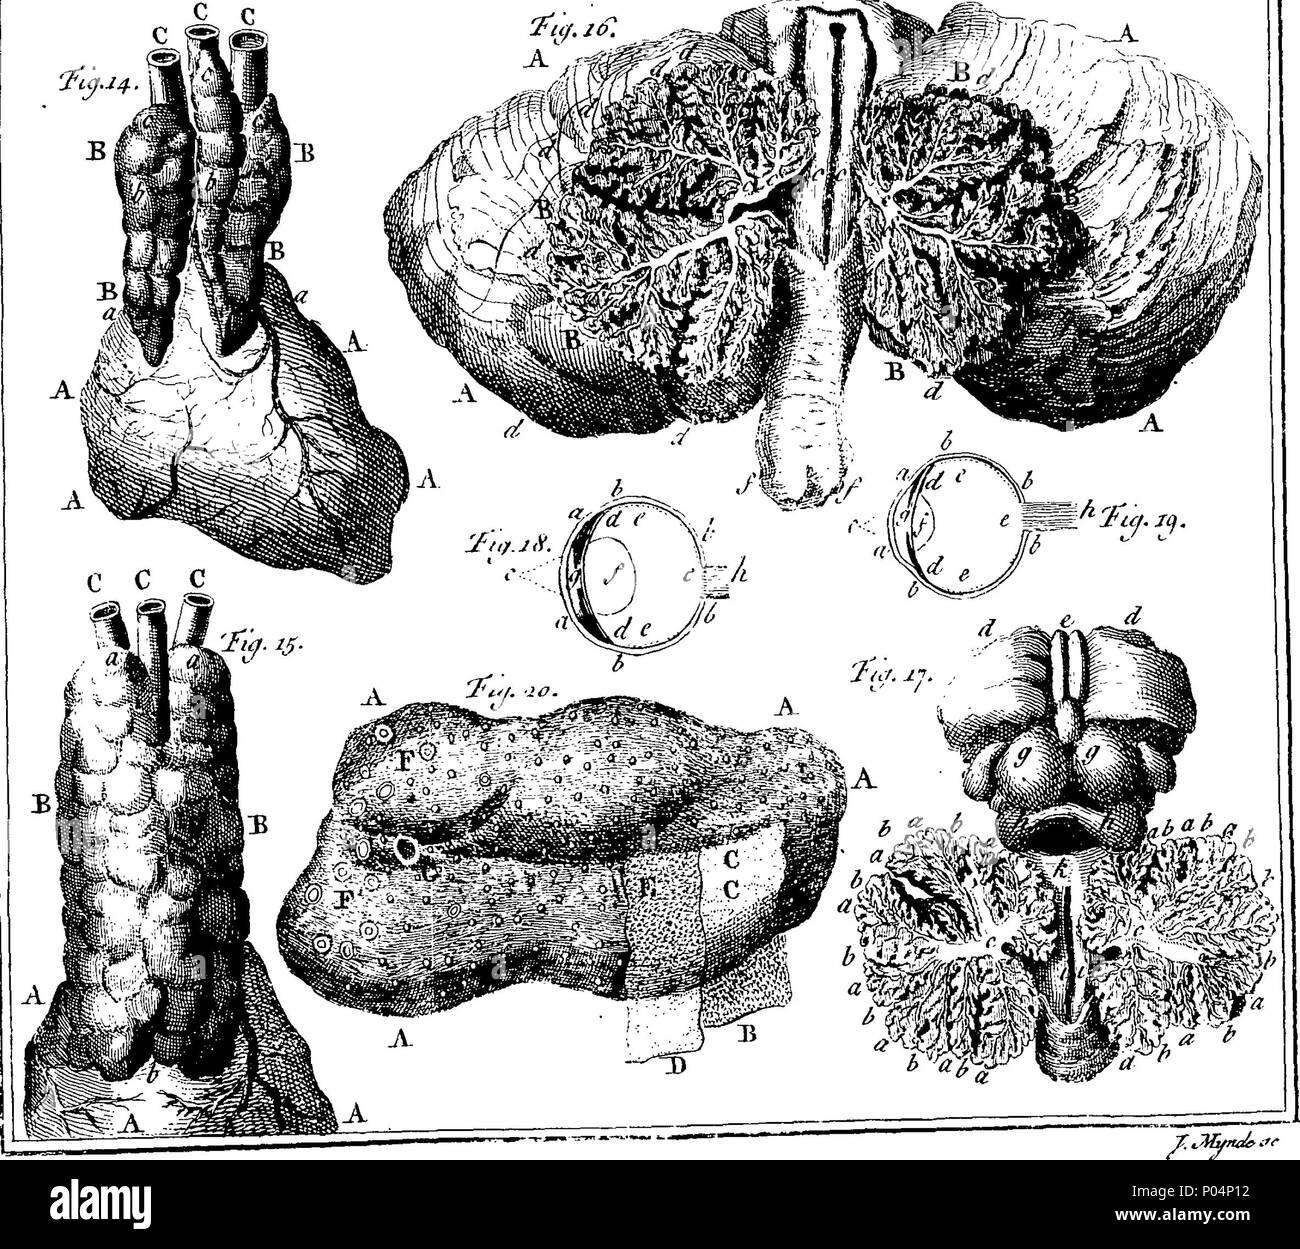 Großartig Alle Teile Des Körpers Fotos - Anatomie Ideen - finotti.info